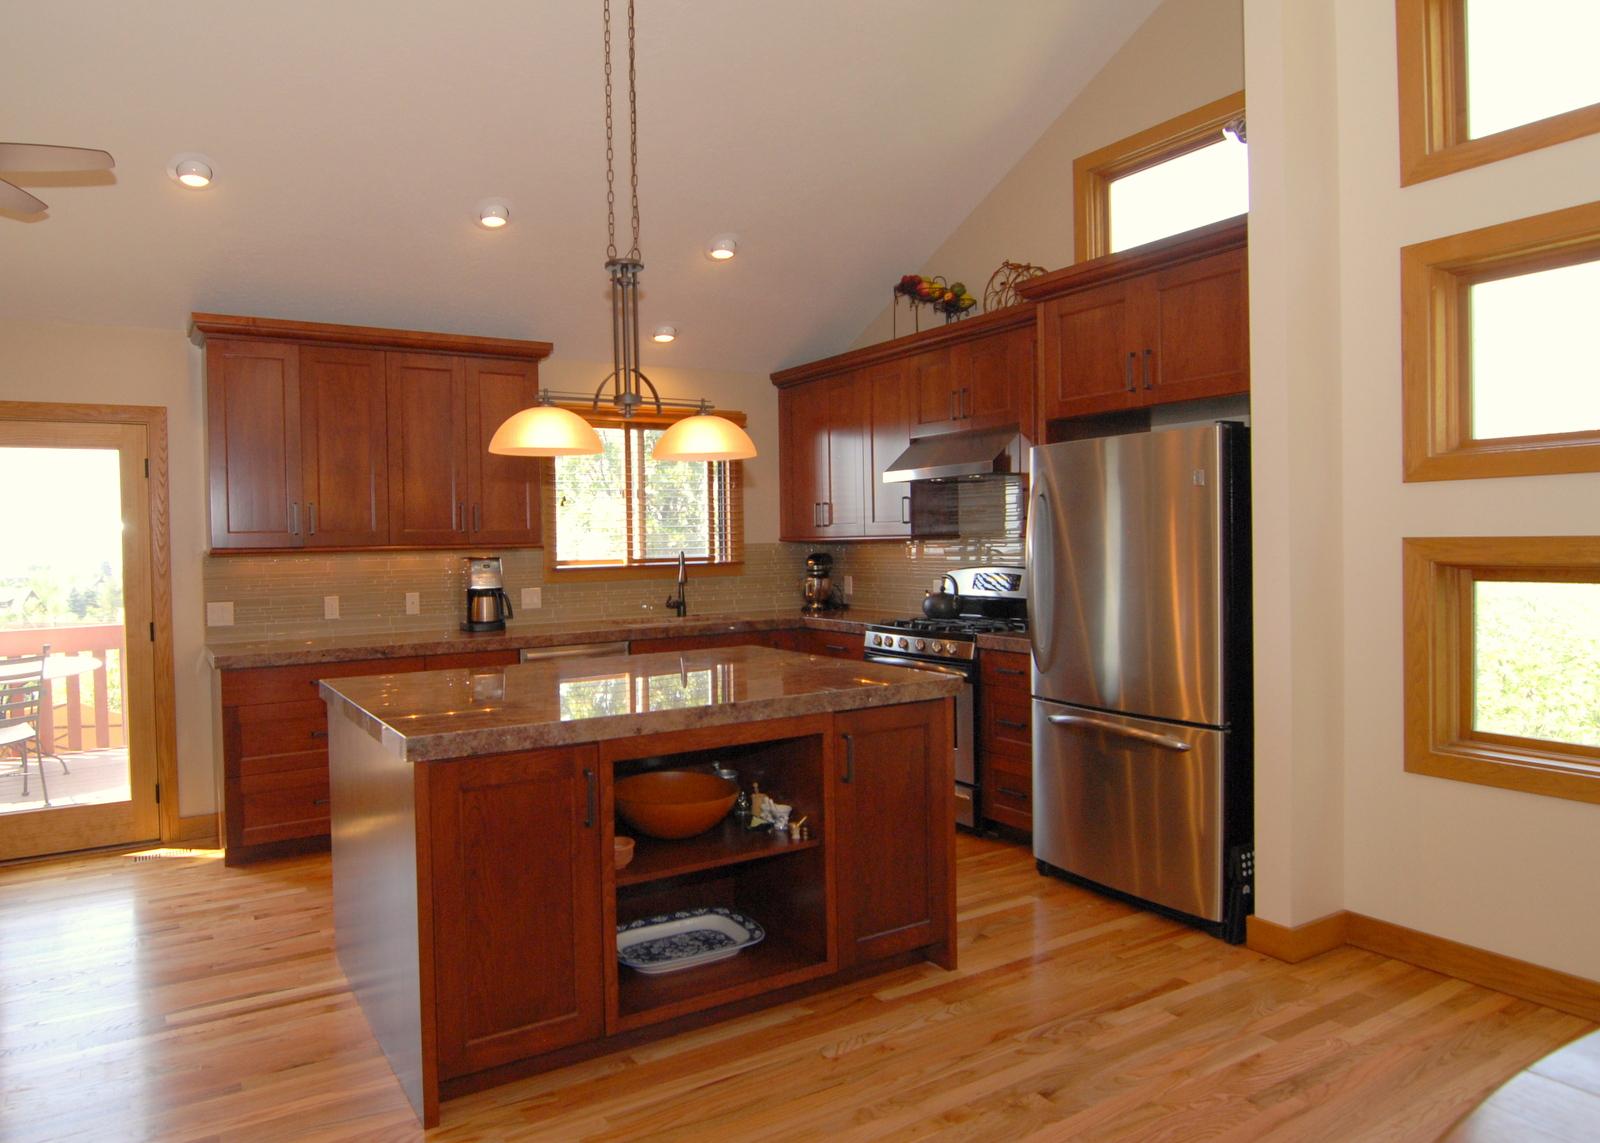 Marvelous Recent Kitchen Remodel U2013 Before U0026 After